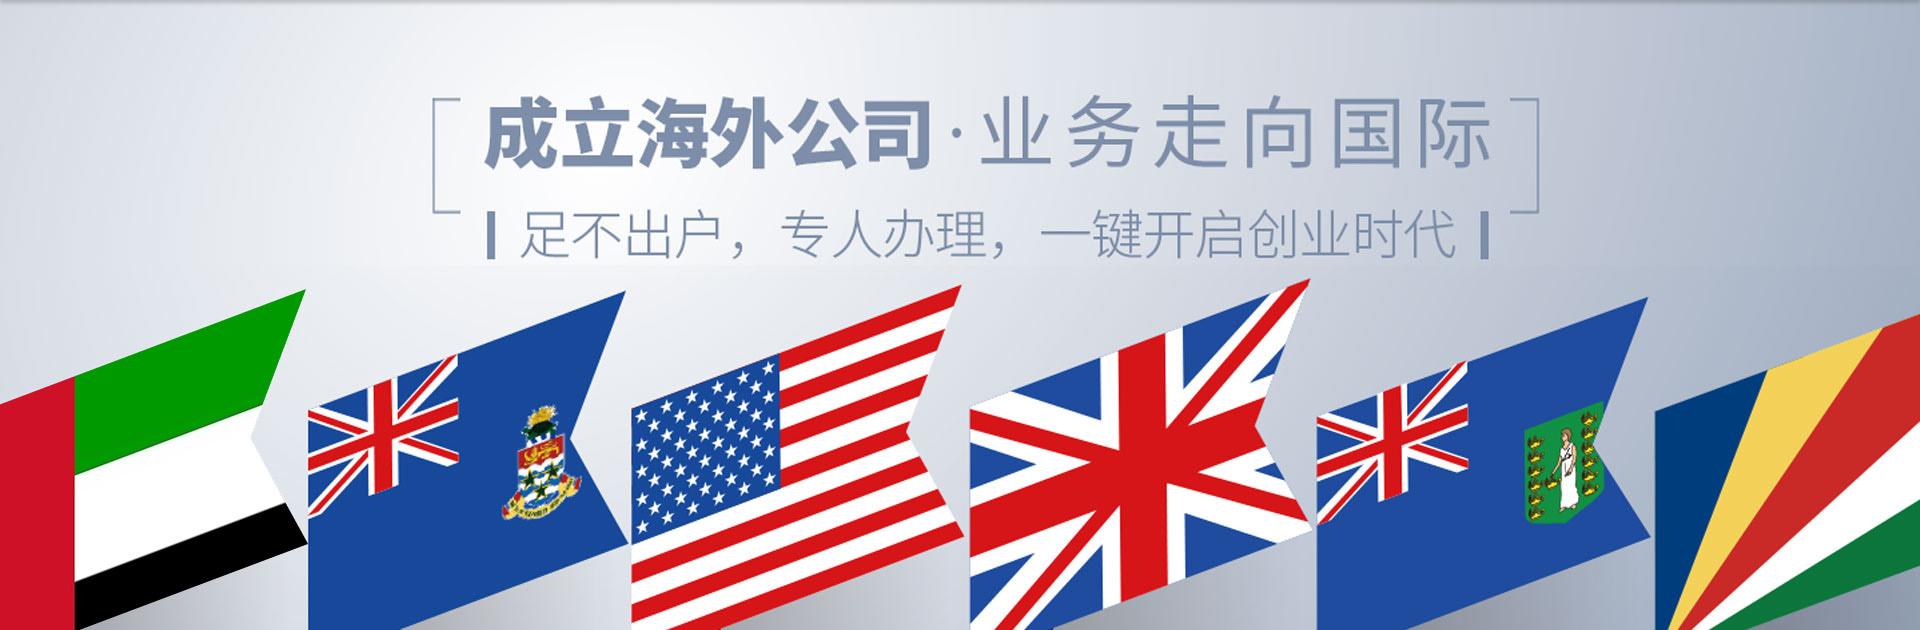 海外(国外)公司注册_代办离岸公司登记_设立境外企业-万事惠